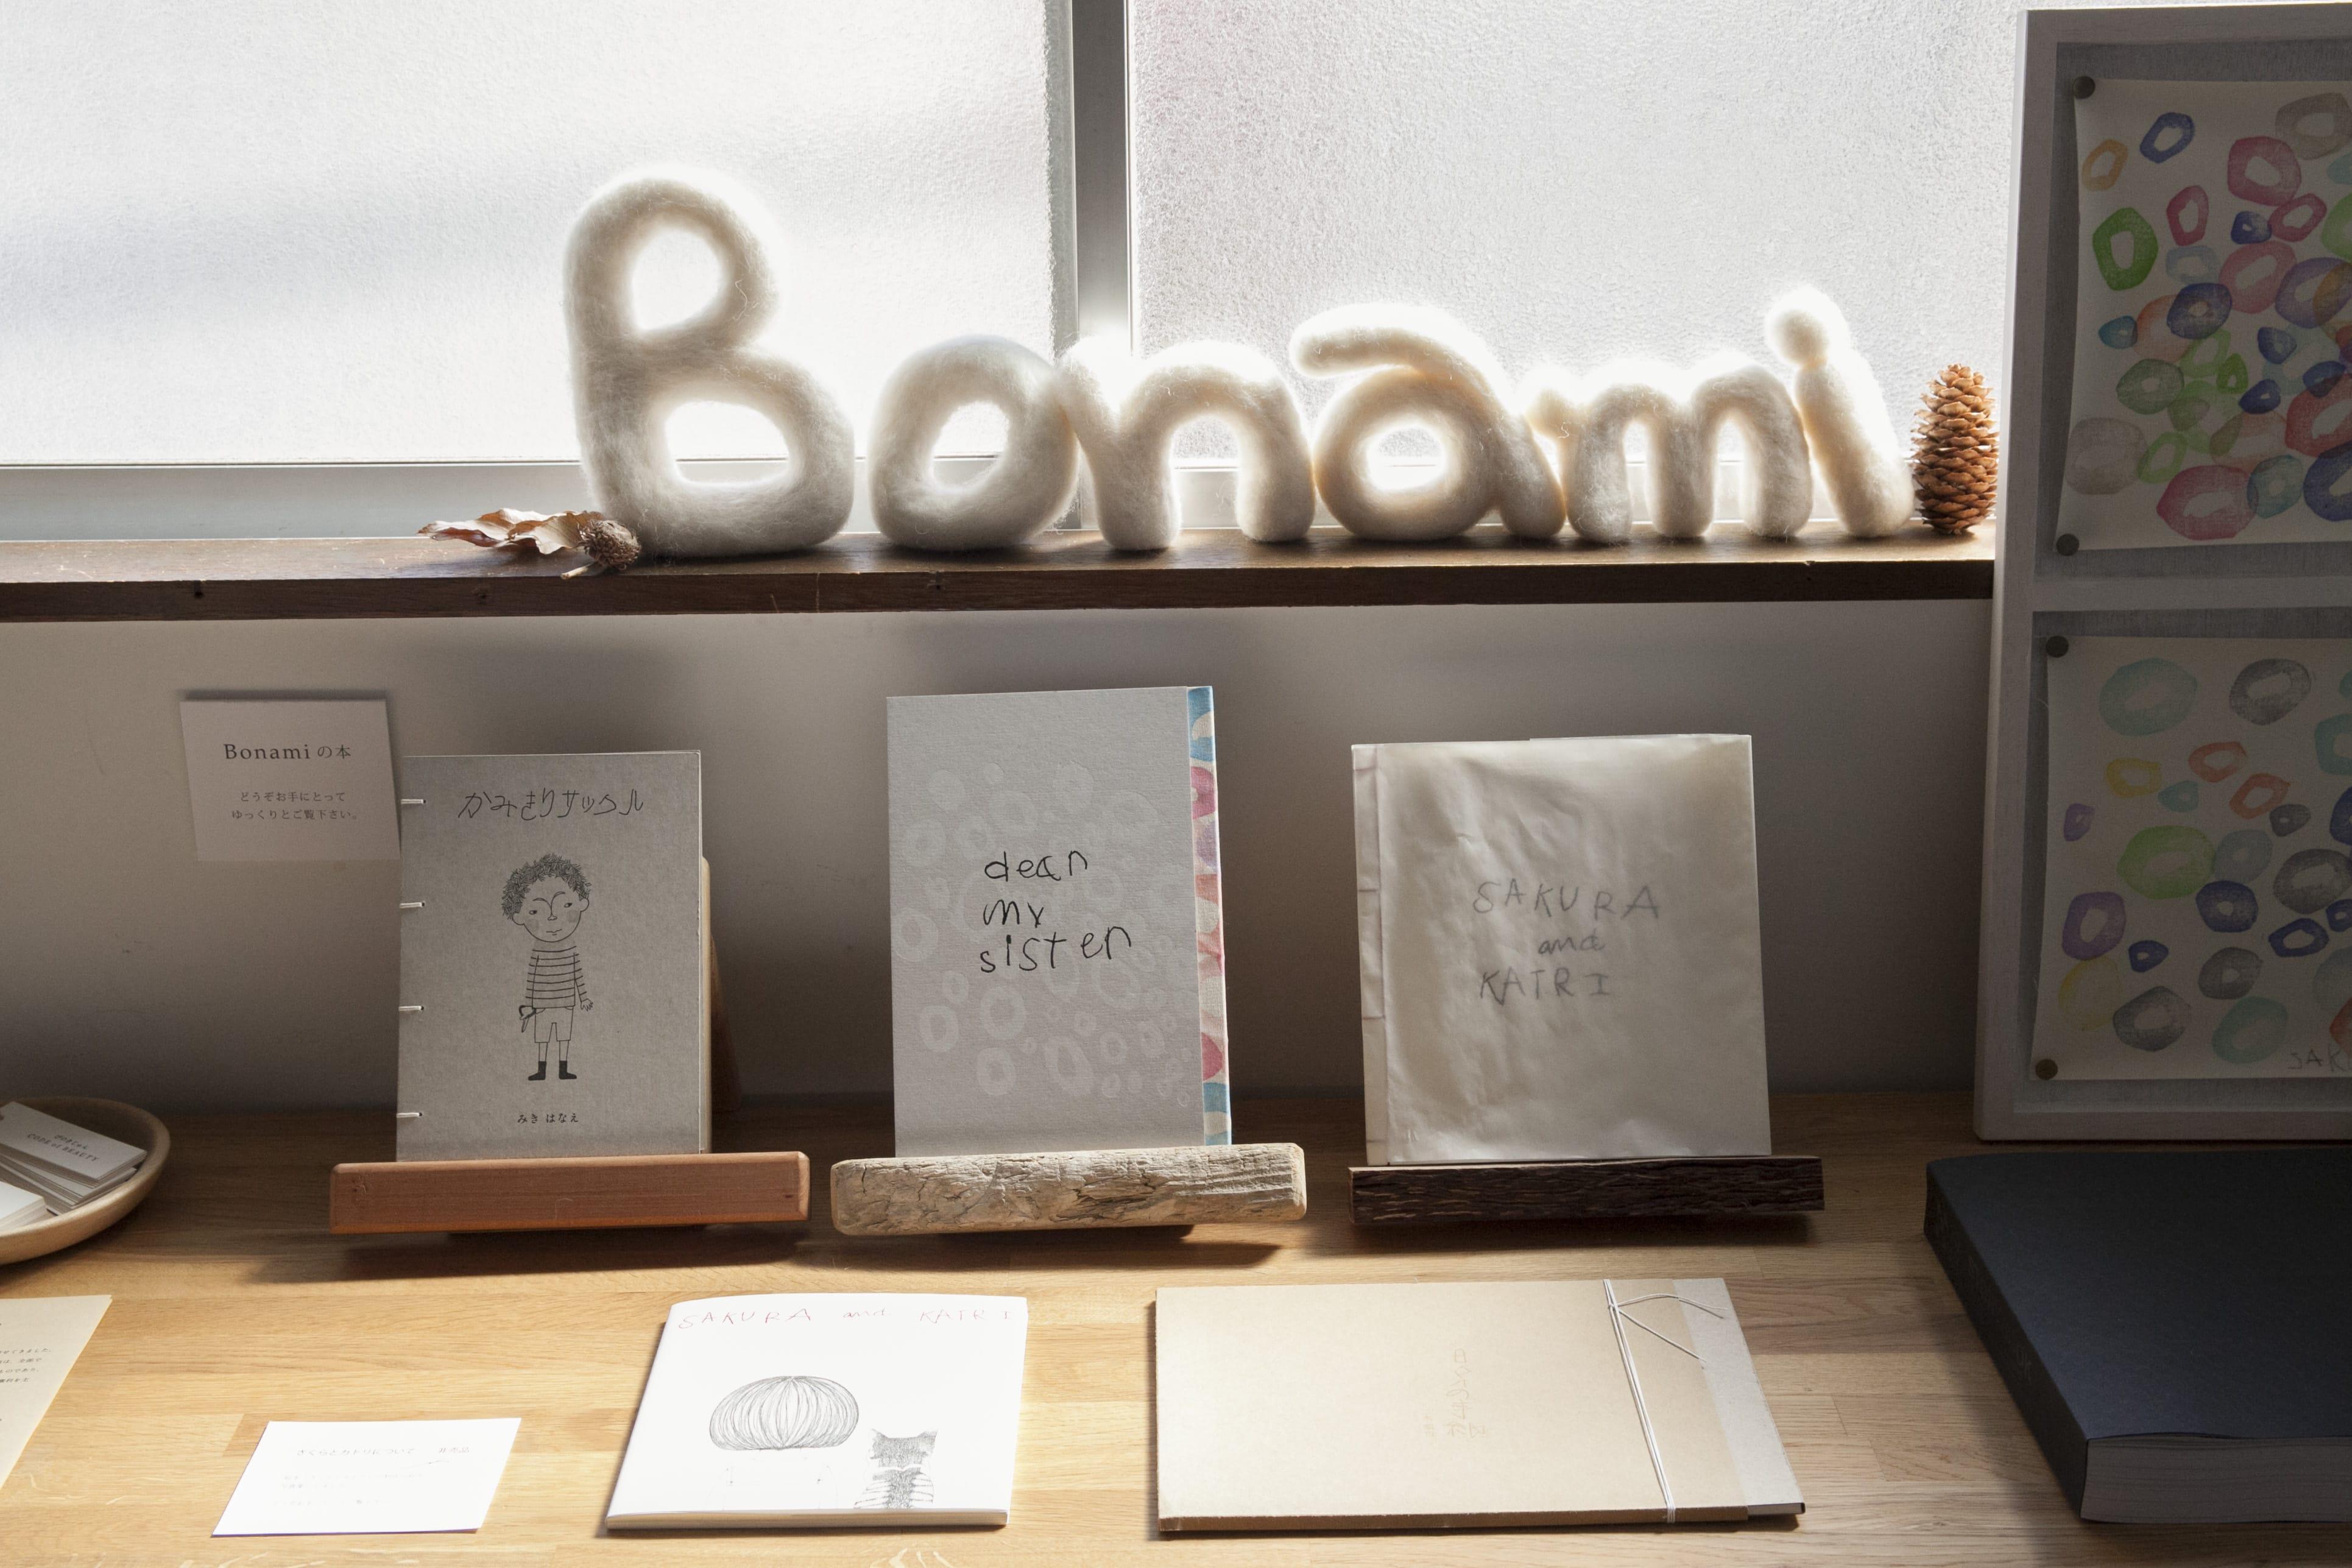 穏やかな時間が流れるBonamiのアトリエ。印刷から製本まですべて手作業でていねいに作られたオリジナルの本が並ぶ。